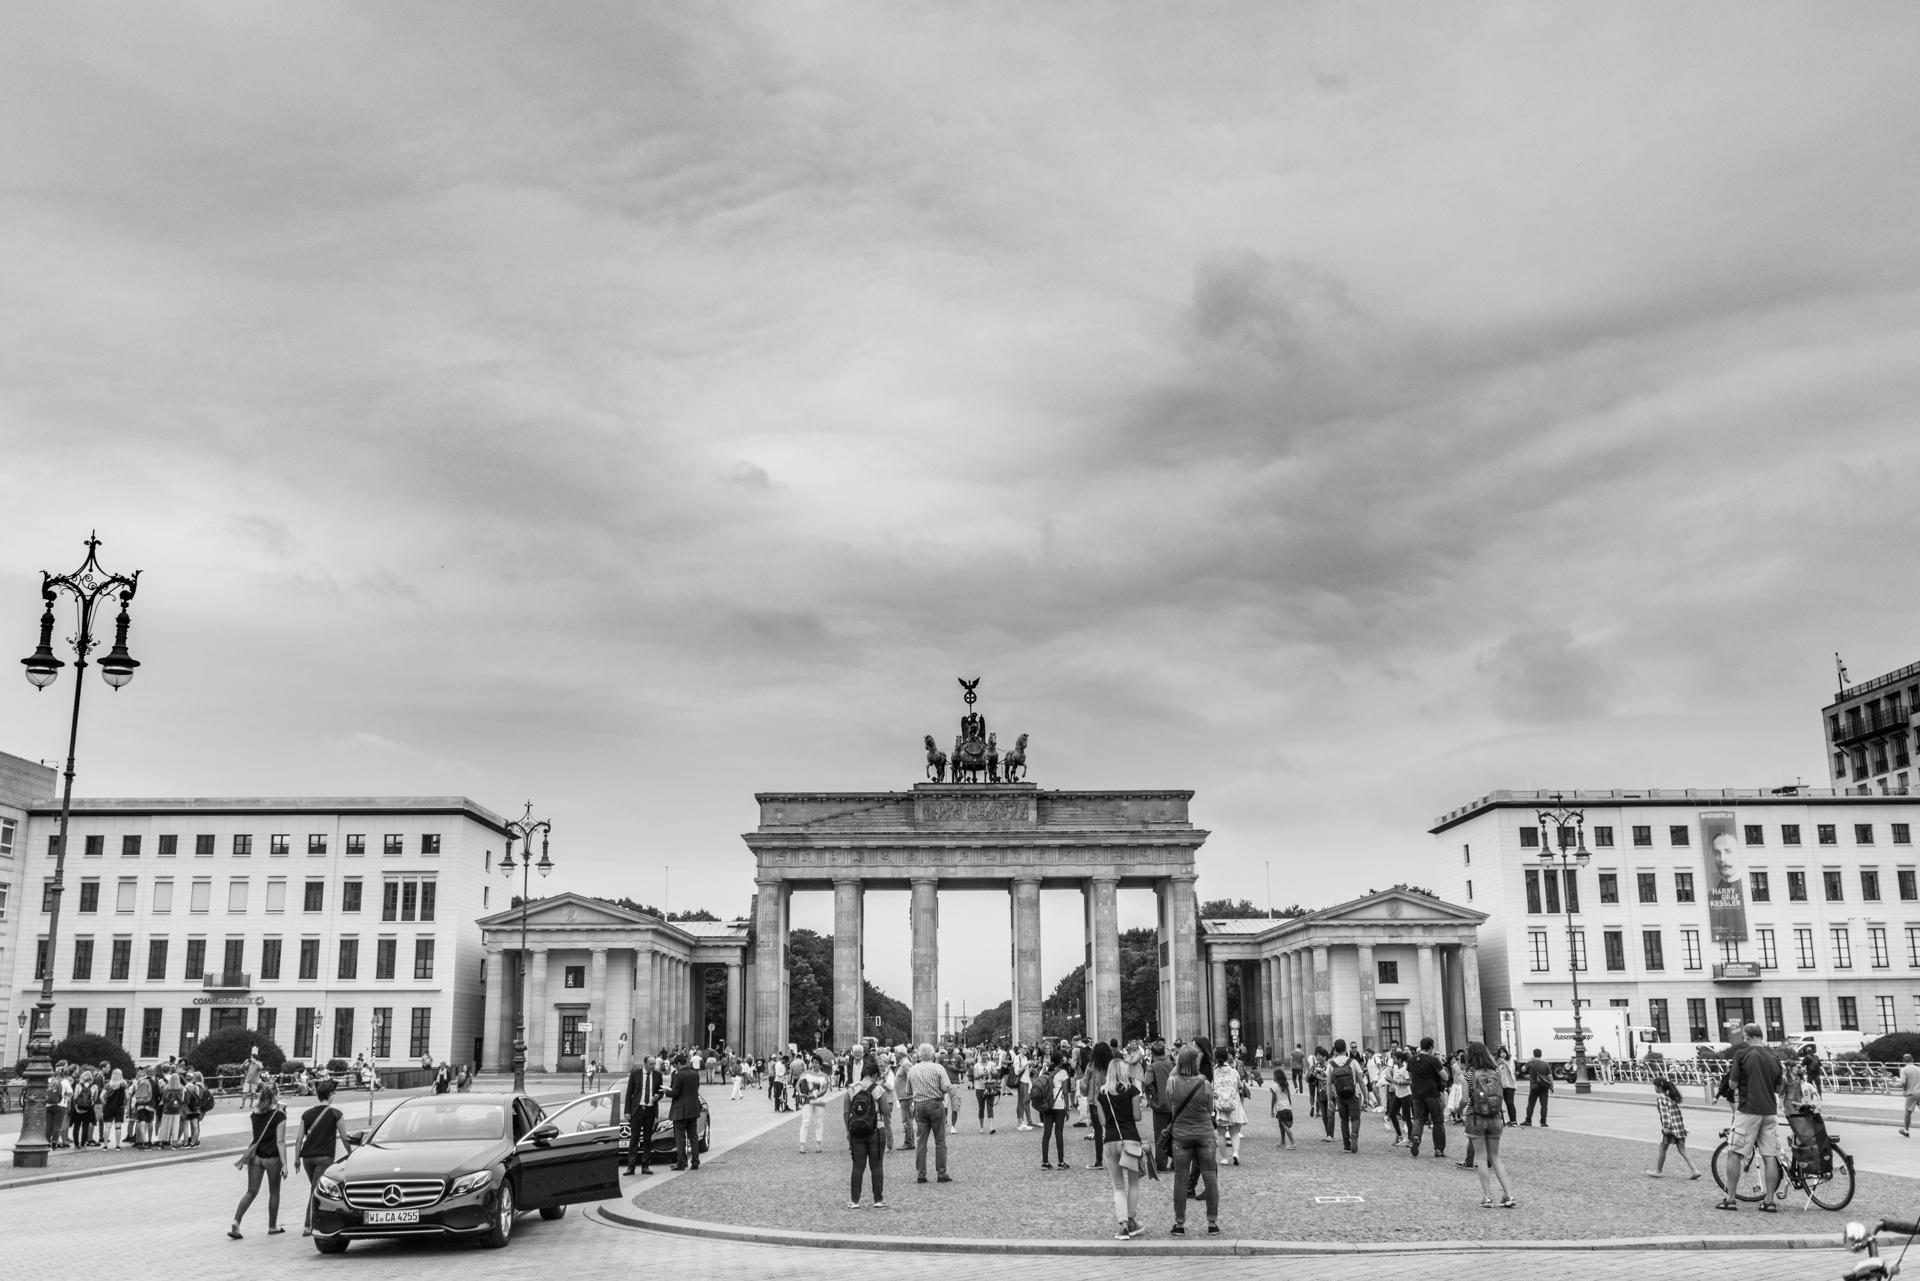 View from Unter den Linden.